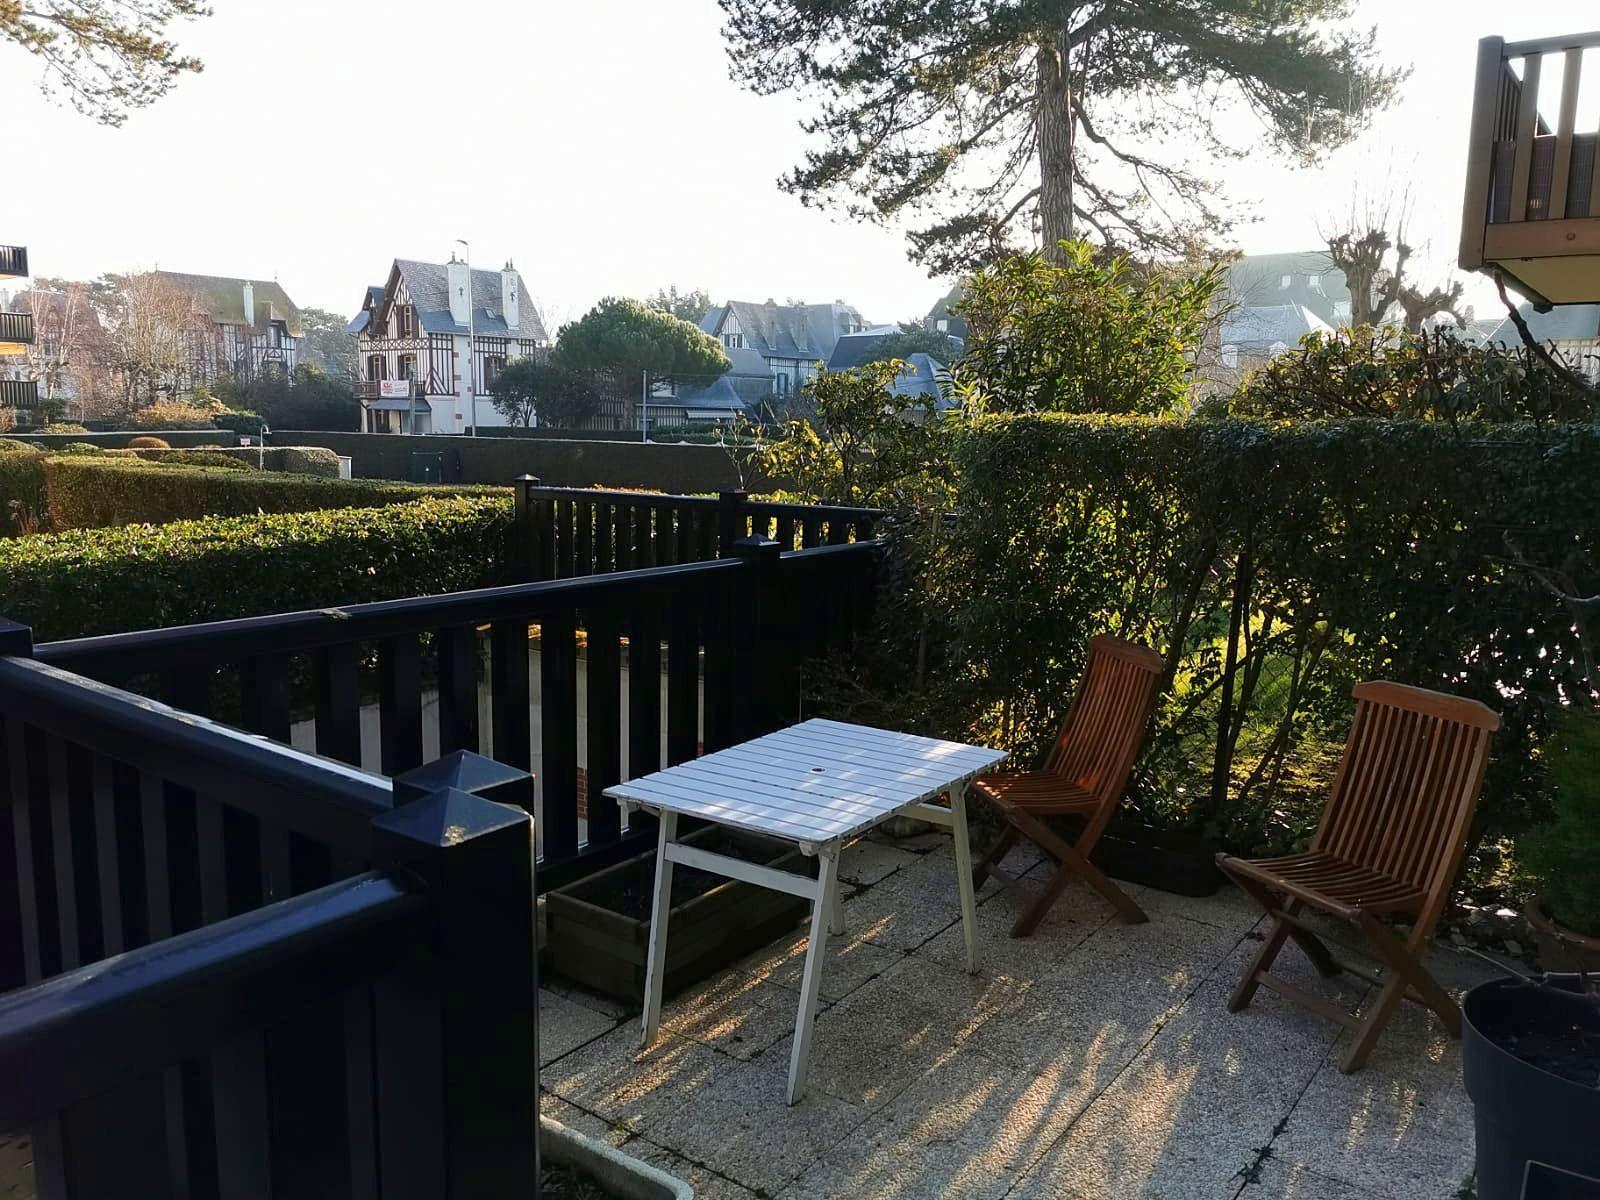 Vends appartement rez-de-jardin 30m² avec 15m² de terrasse et box voiture - Deauville (14)